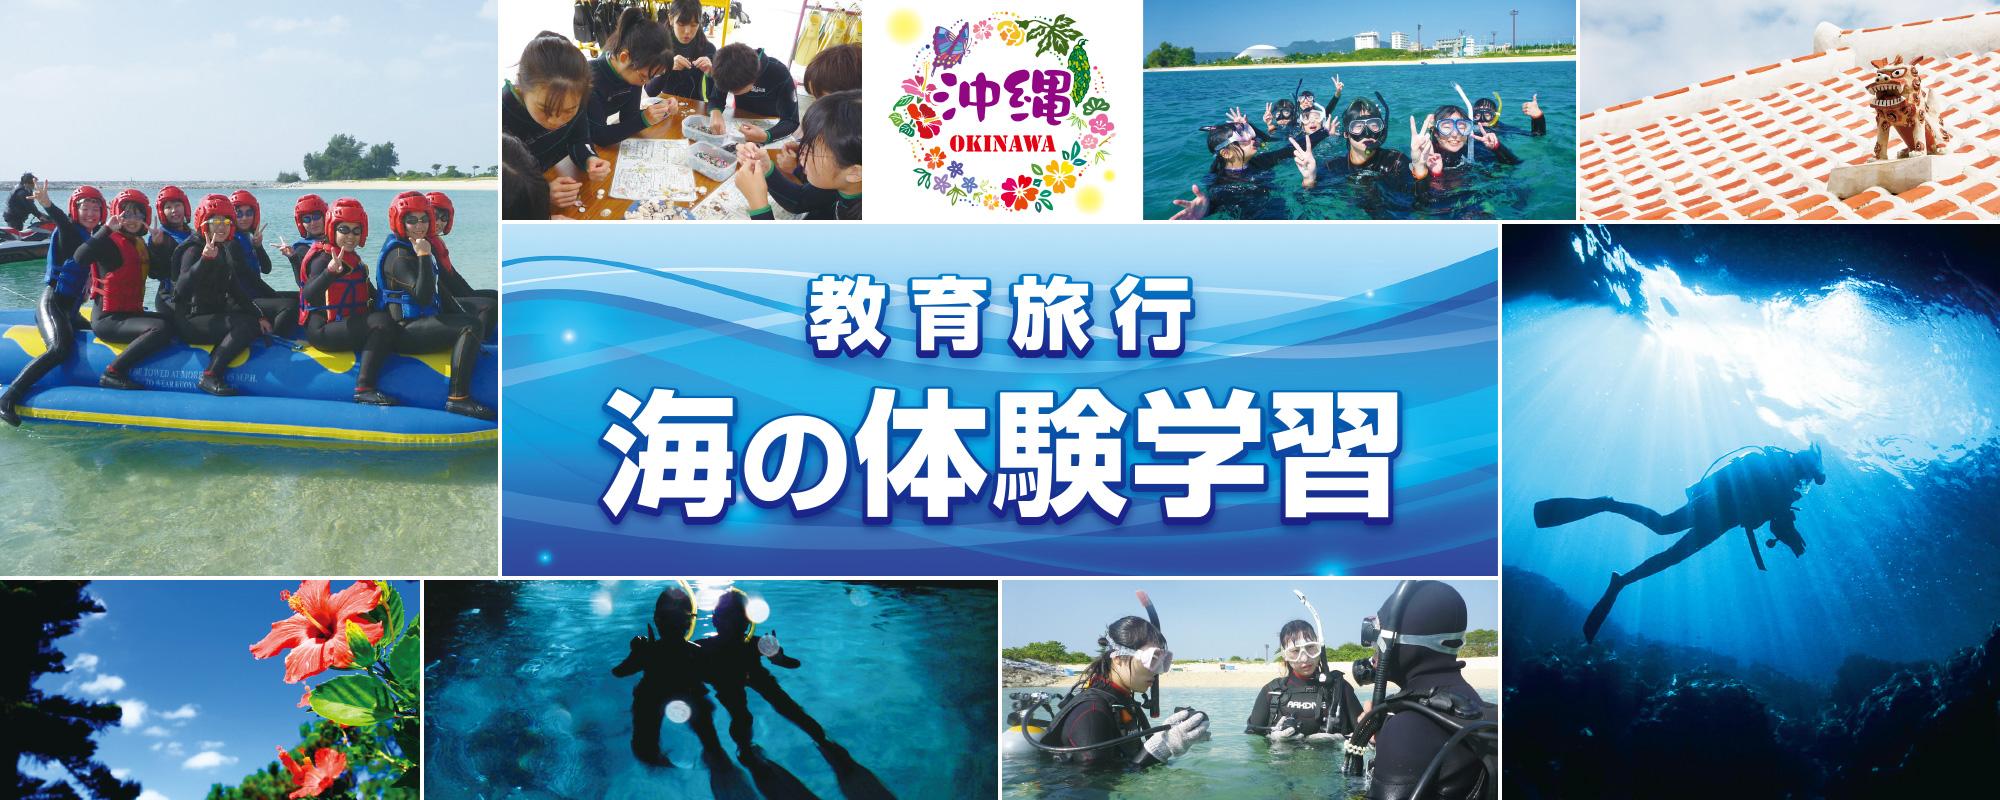 ORIC 沖縄県海洋レジャー事業協同組合